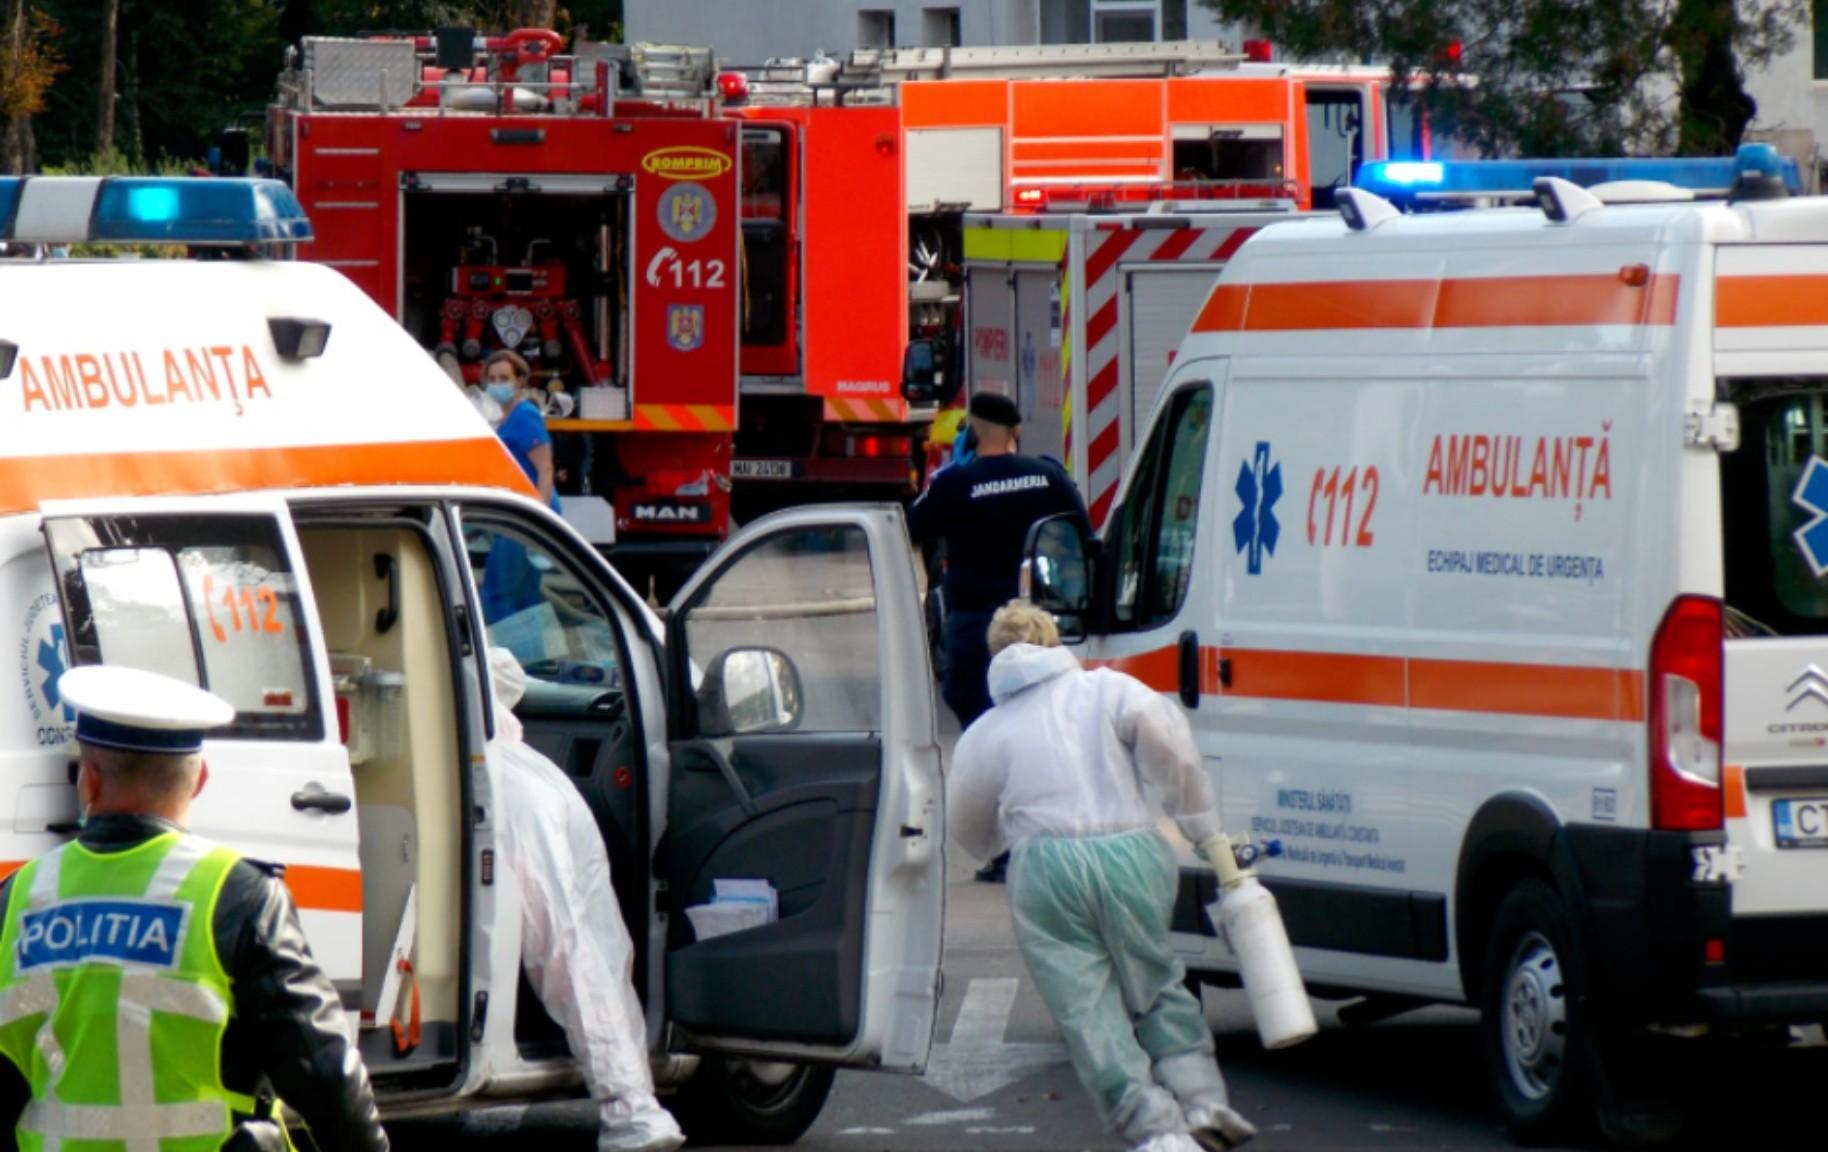 Filmul incendiului de la Spitalul de Boli Infecțioase Constanța, unde 7 persoane au murit la secţia ATI. Managerul a fost demis